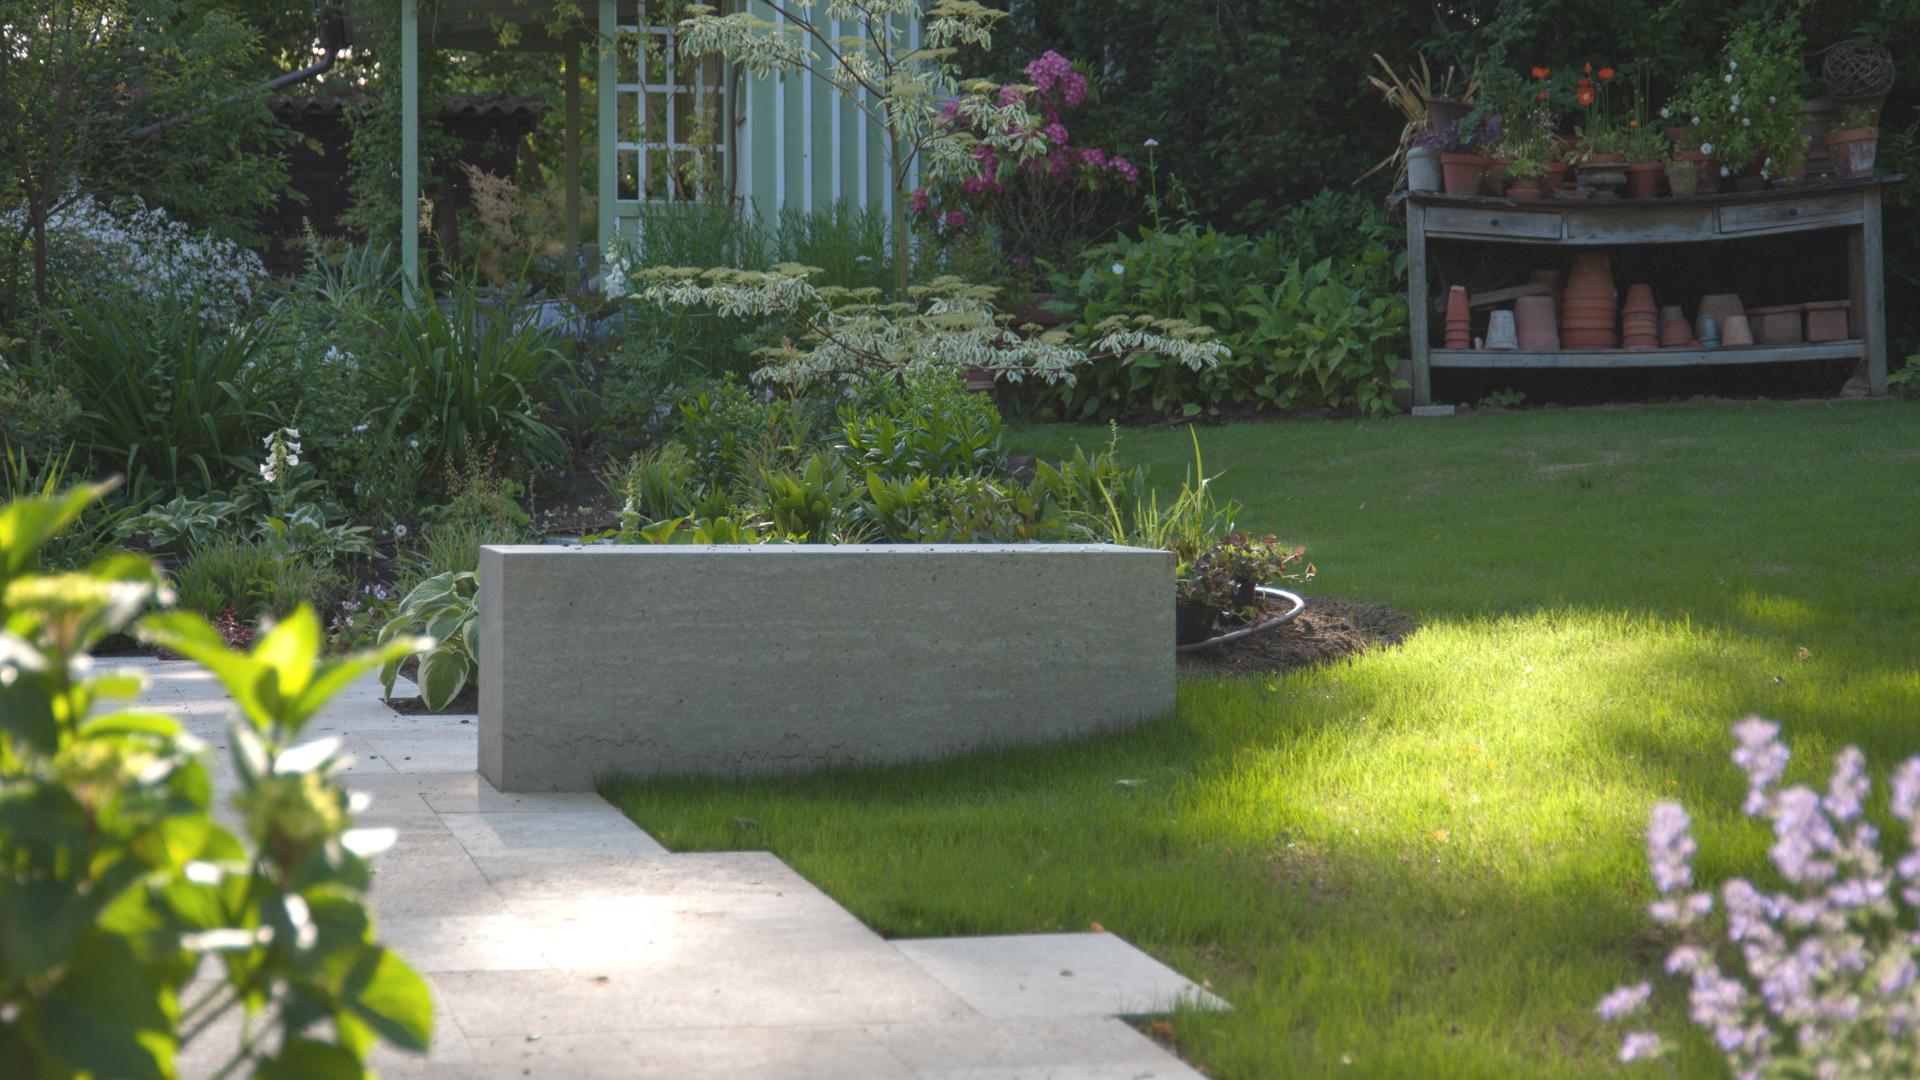 Super Projekt1 - Gärten von Daiß JN62